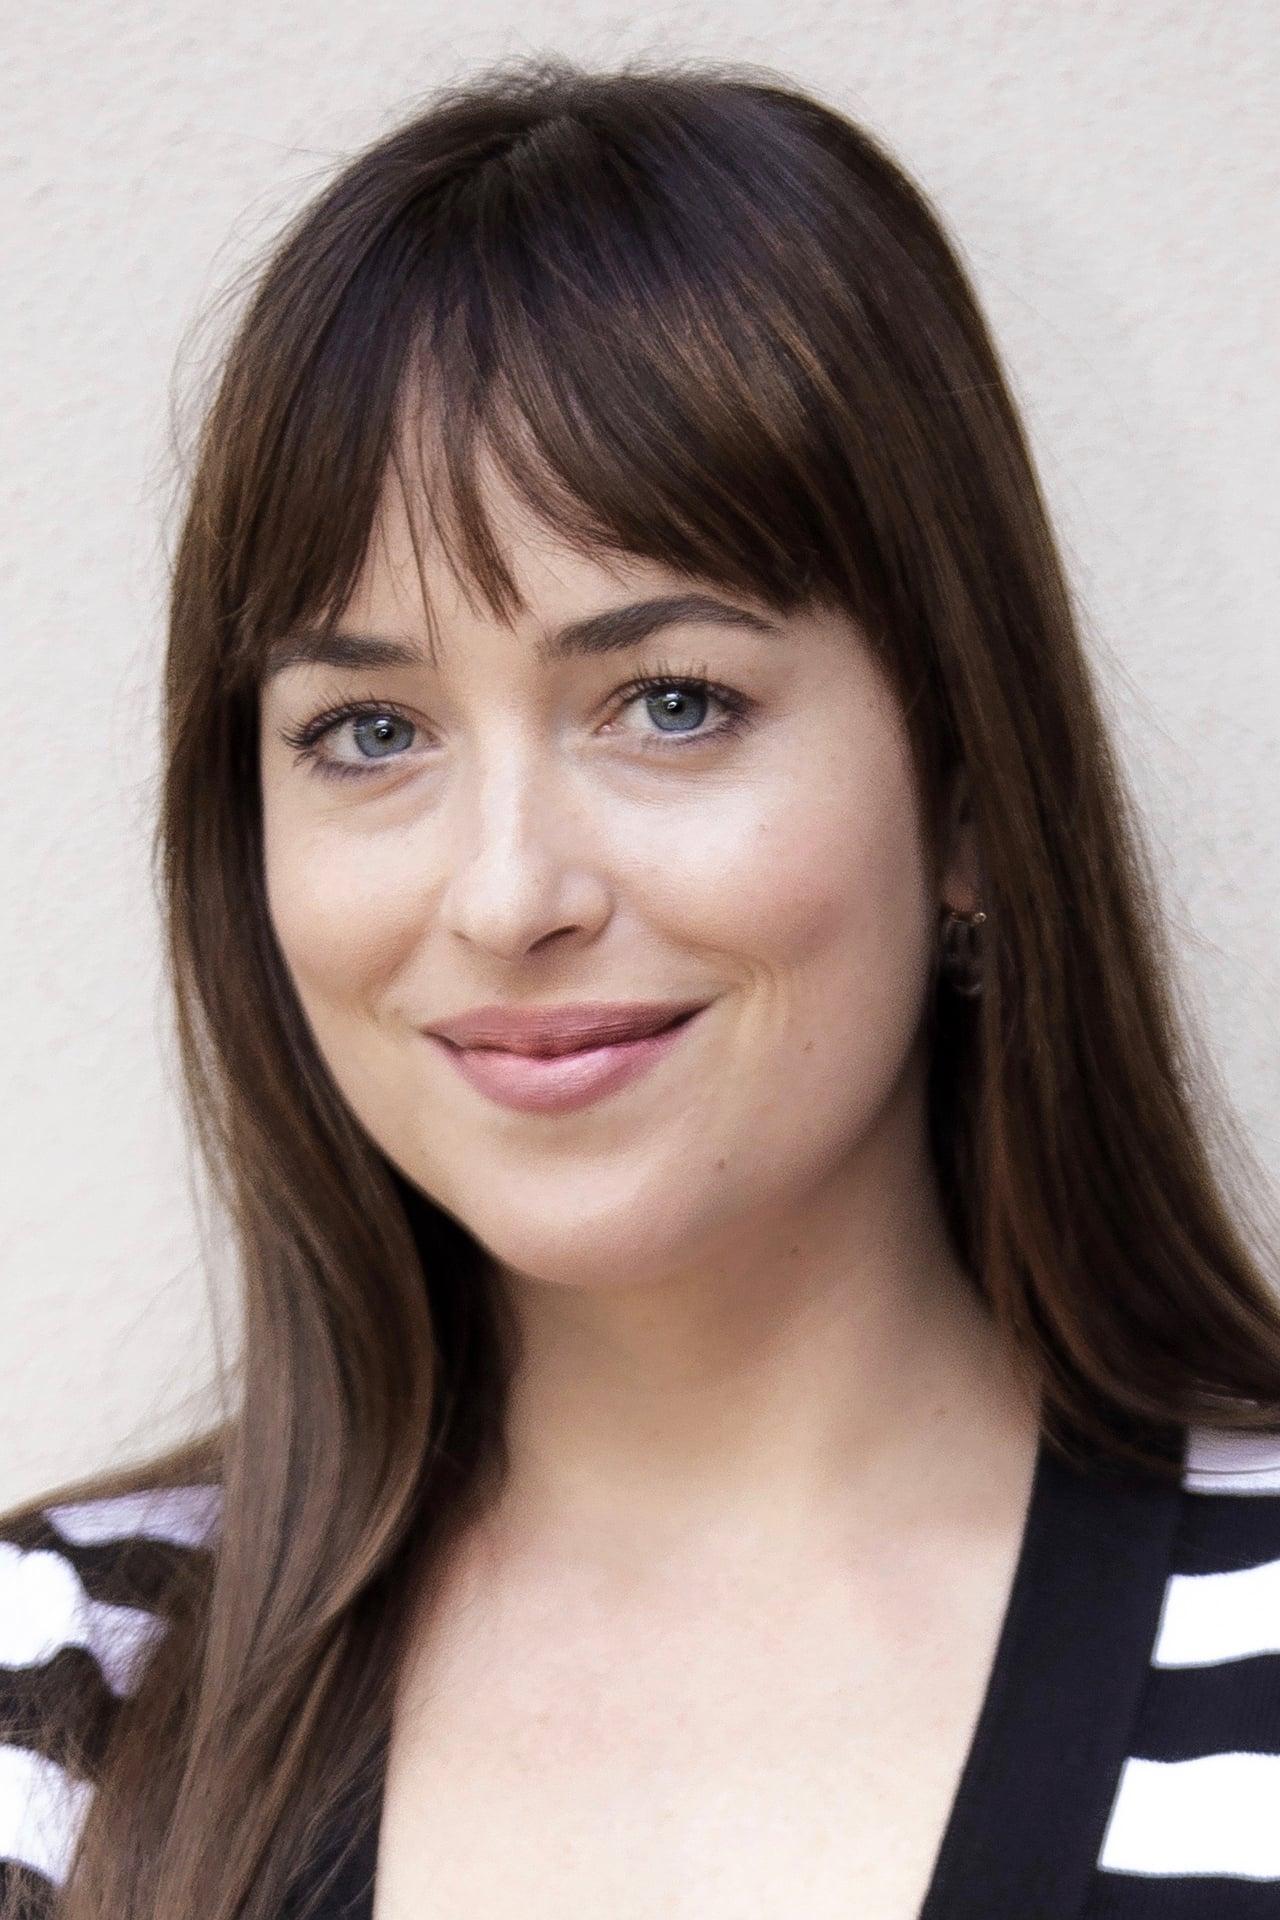 Dakota Johnson isSusie Bannion